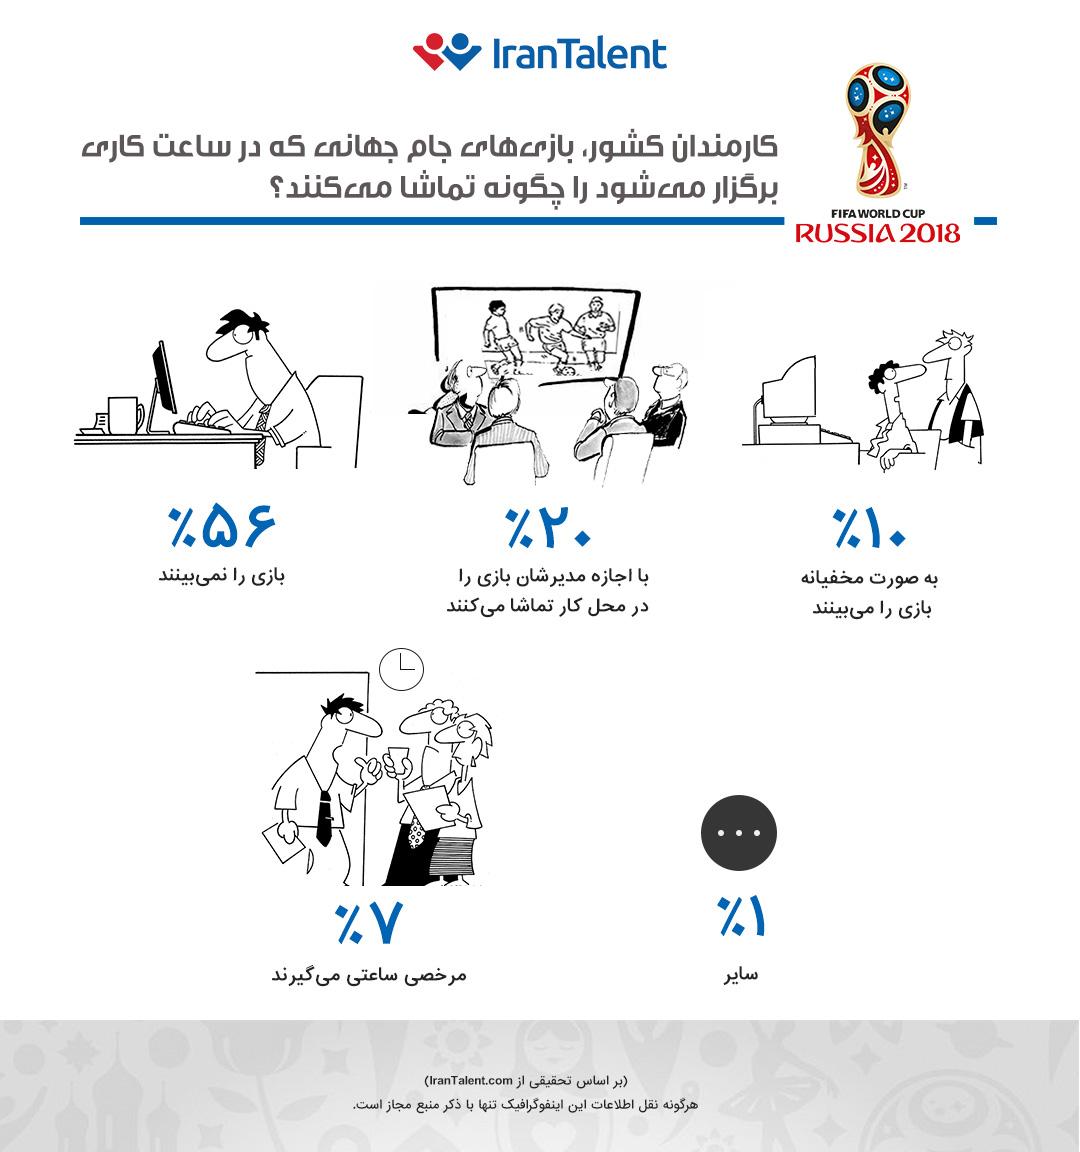 کارمندان کشور بازی های جام جهانی که در ساعت کاری برگزار میشود یا چگونه تماشا میکنند؟